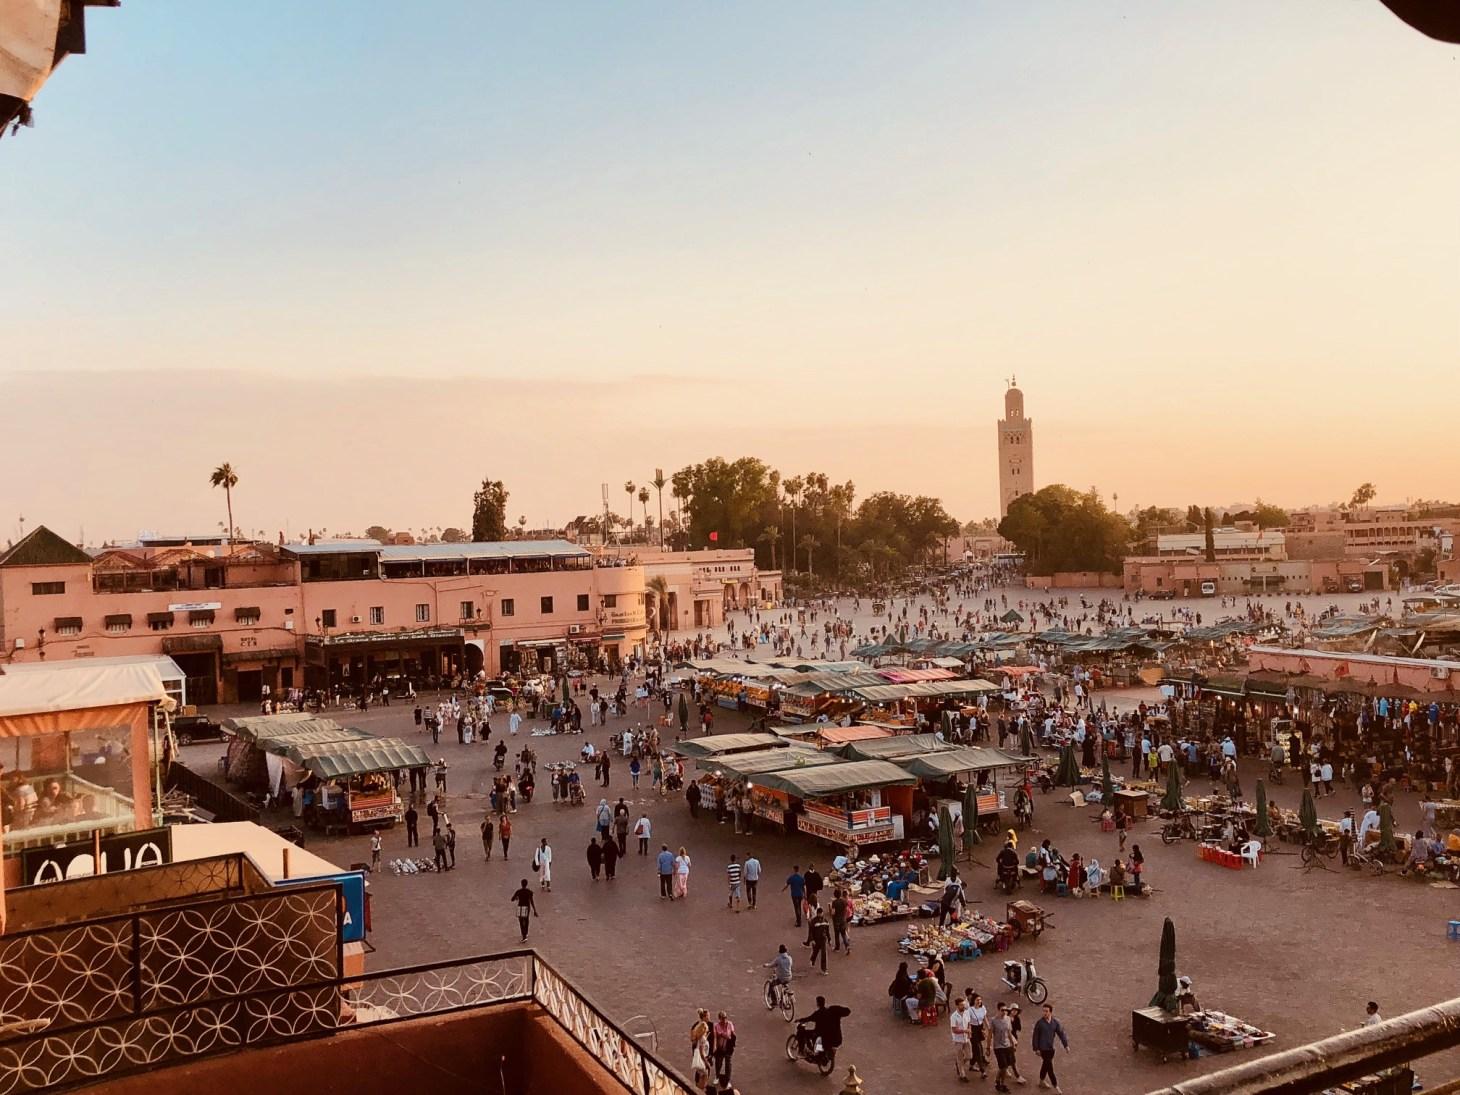 marrakesh-sqaure.jpg